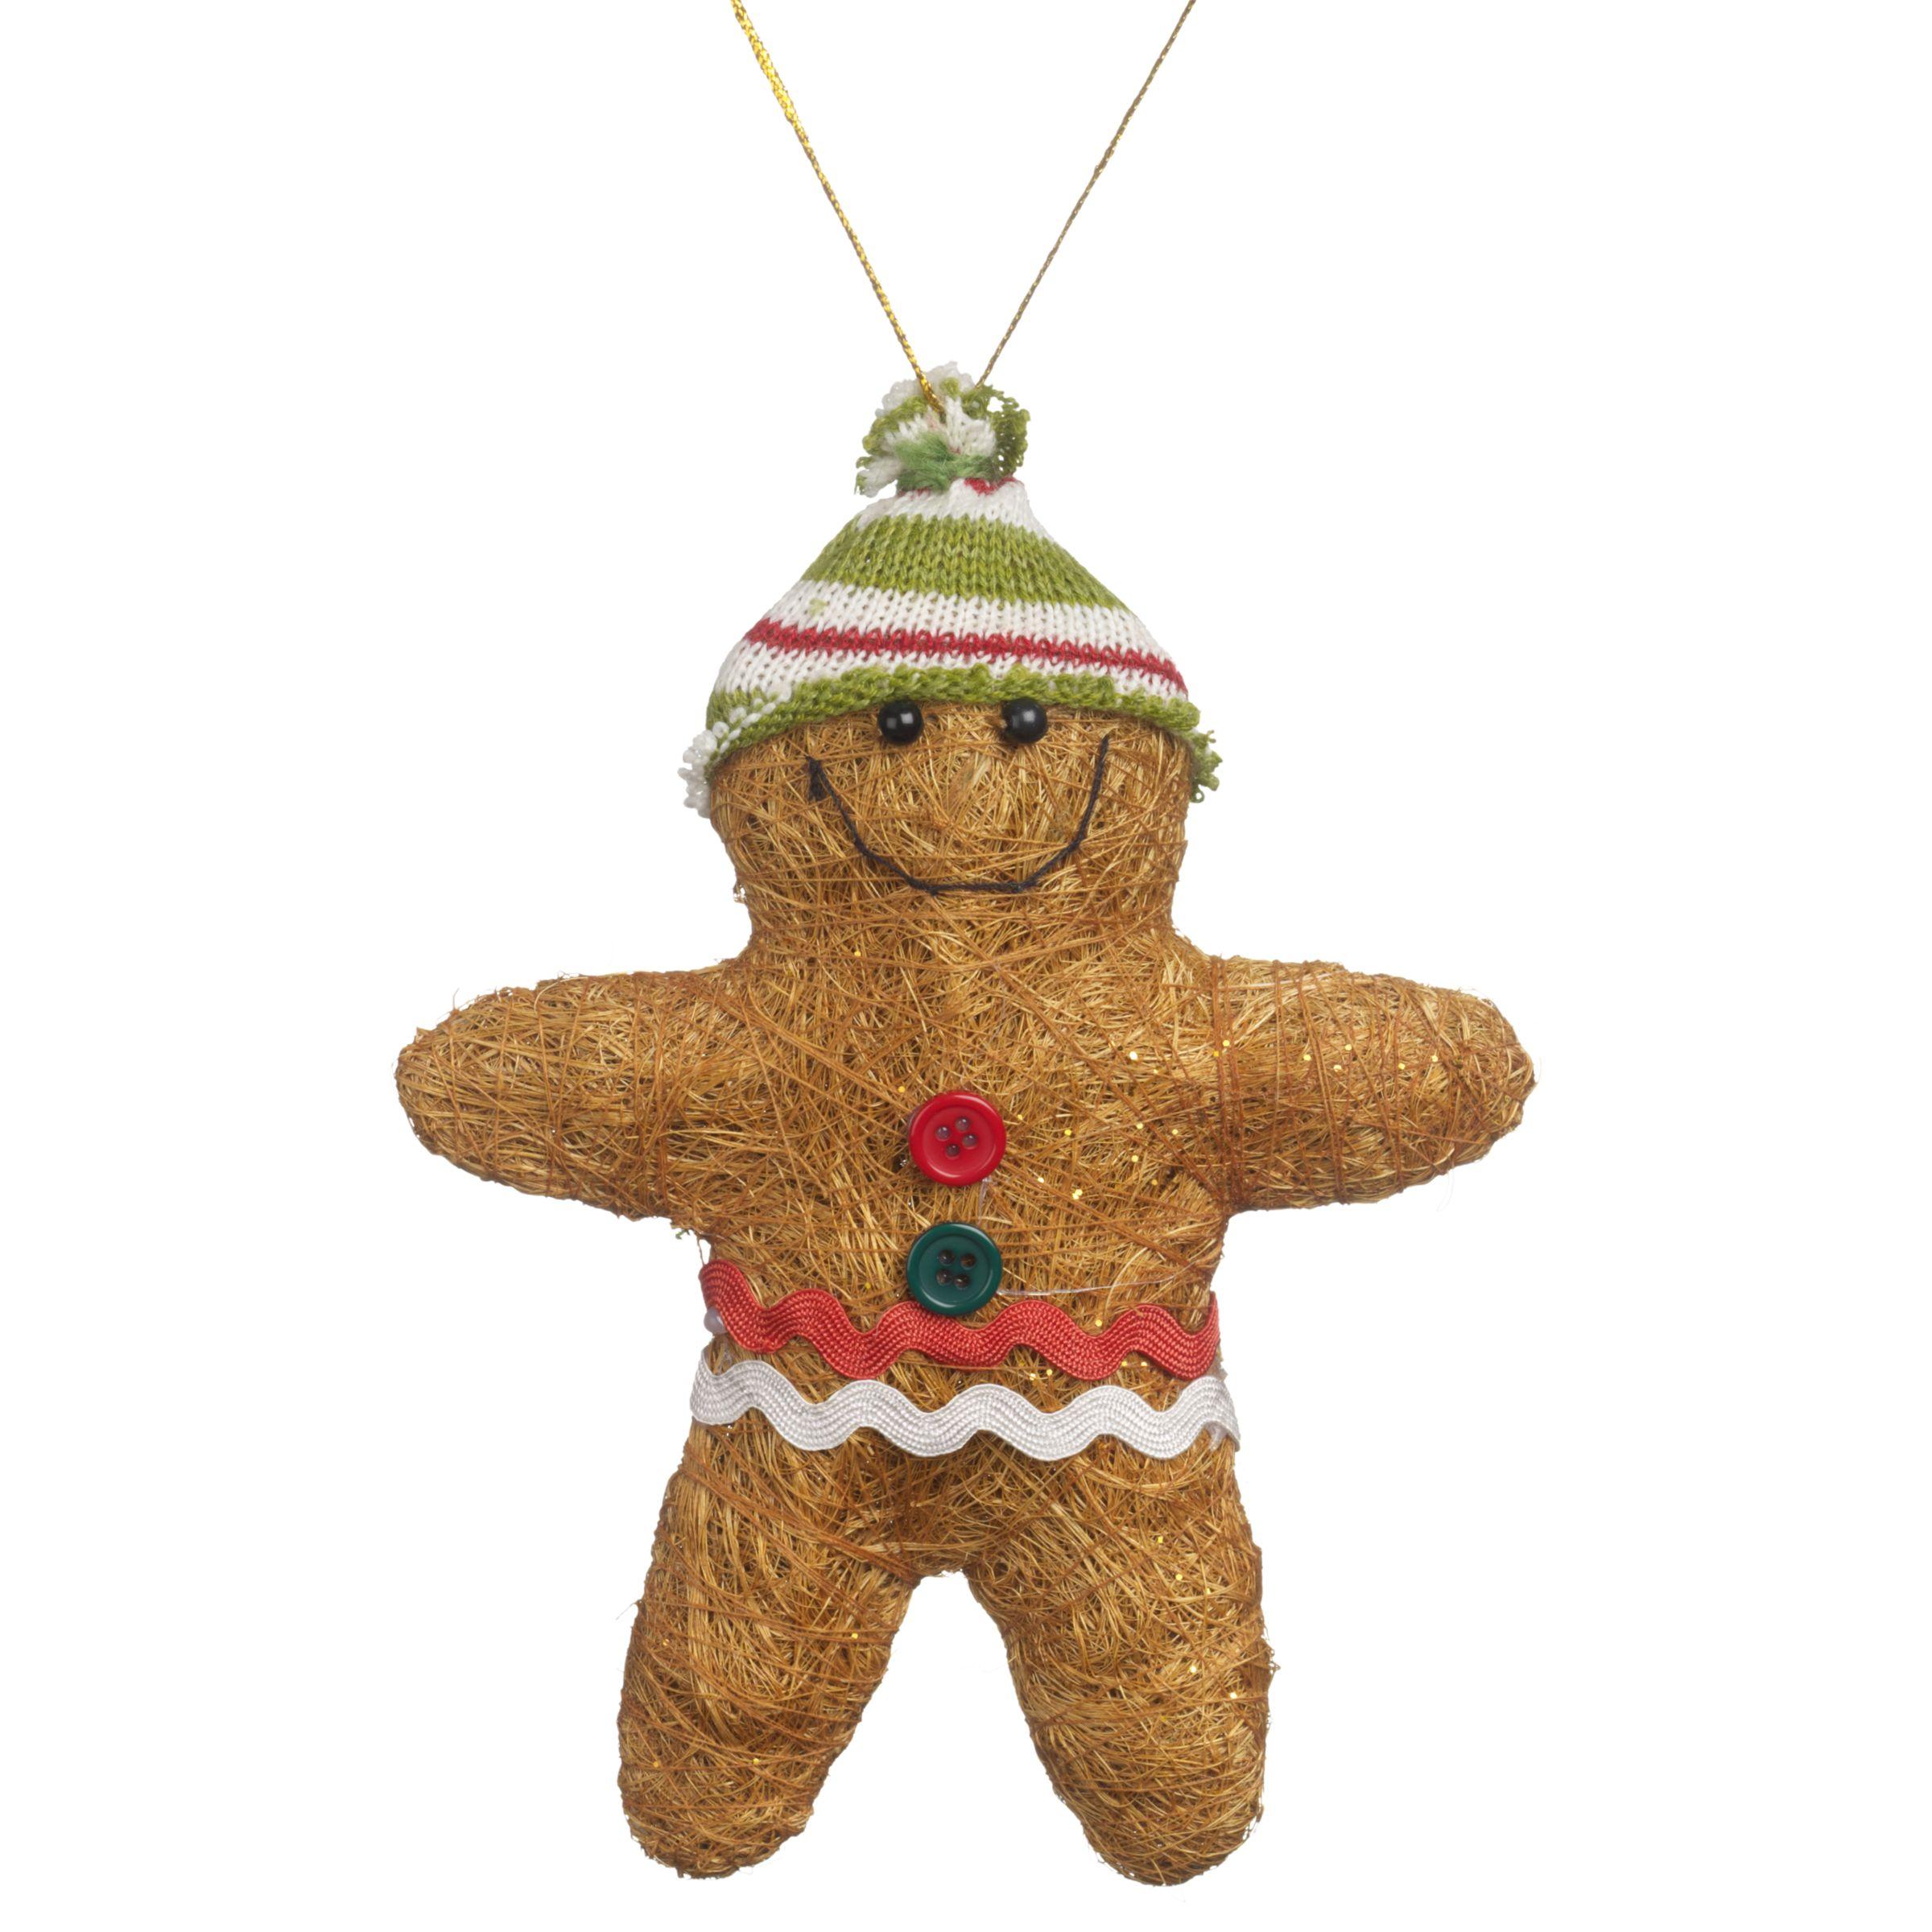 Big Decs Gingerbread Tree Decorations, Pack Of 6